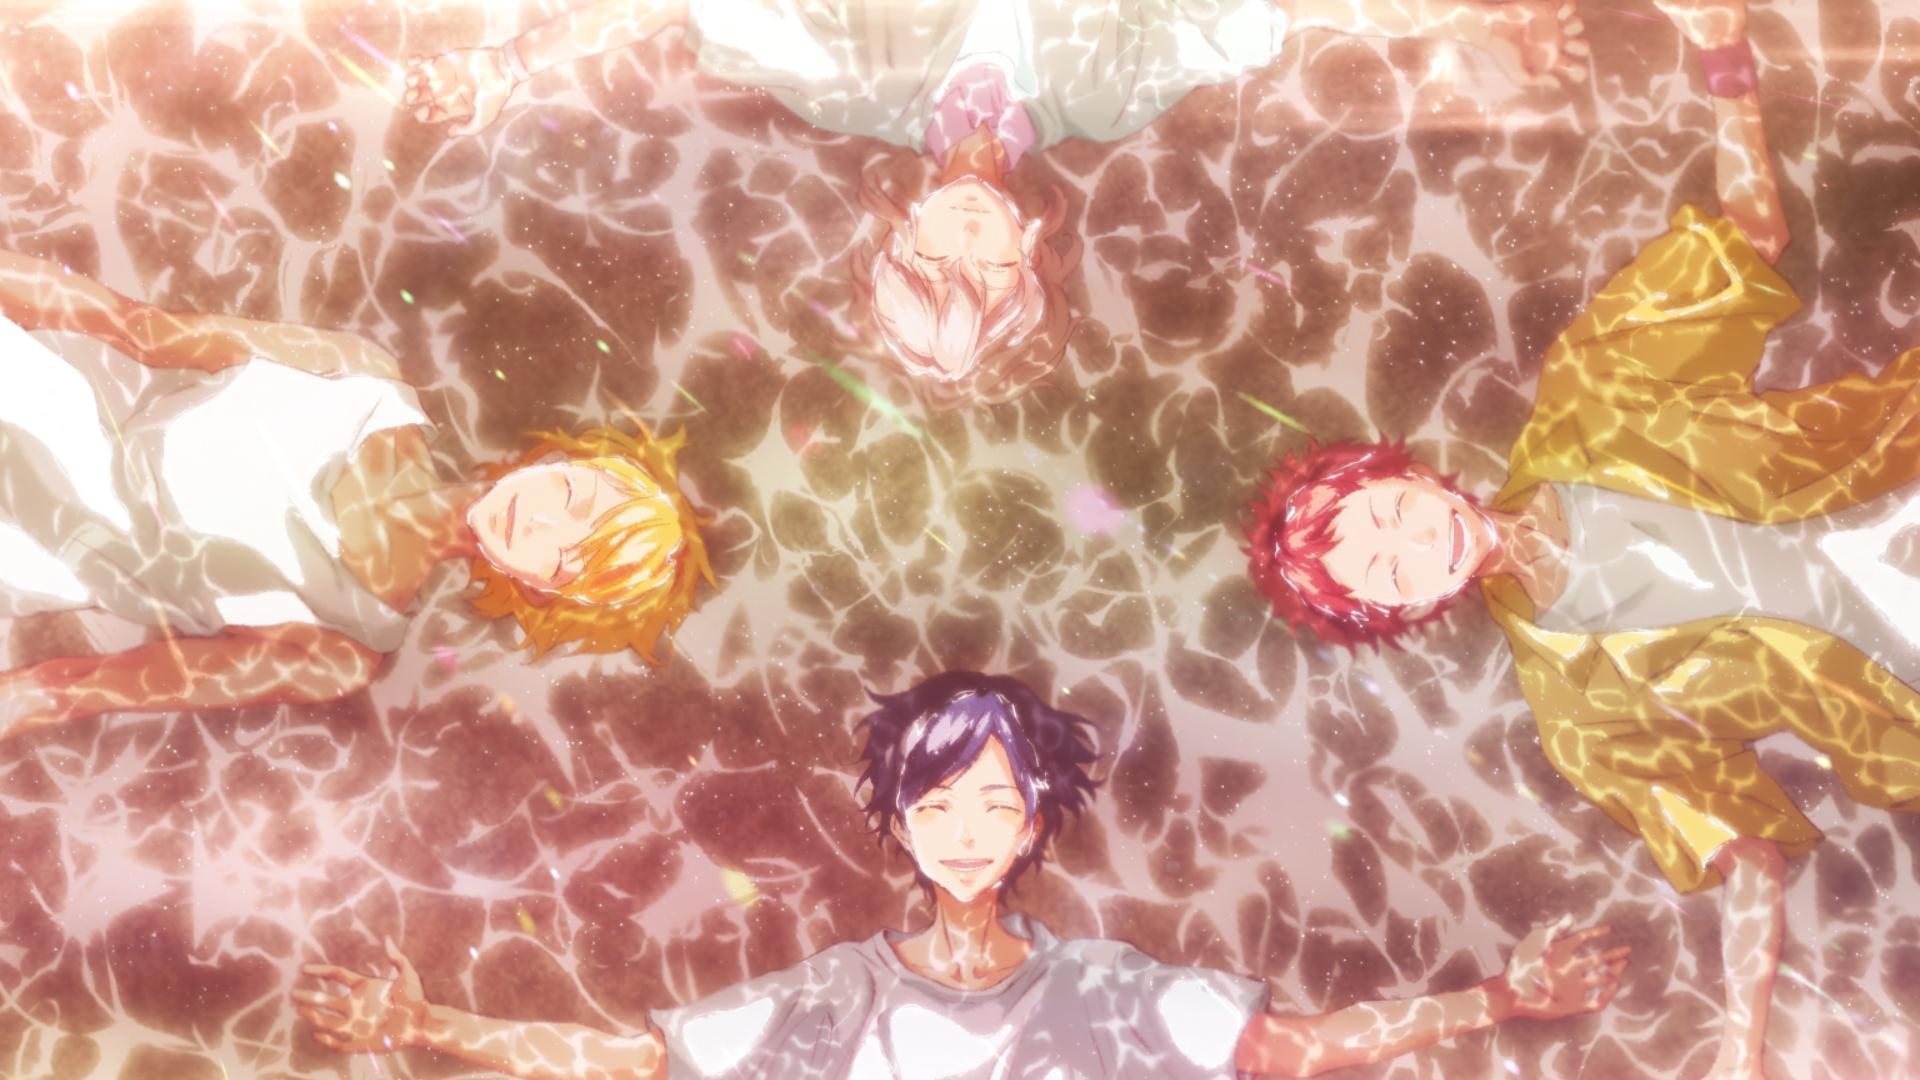 知名編劇岡田磨里操刀,以「桃花男甲子園」這般出人意表的設定,將男高中生的成長與糾葛,細膩描繪成一齣讓人心癢難耐的詼諧青春校園喜劇